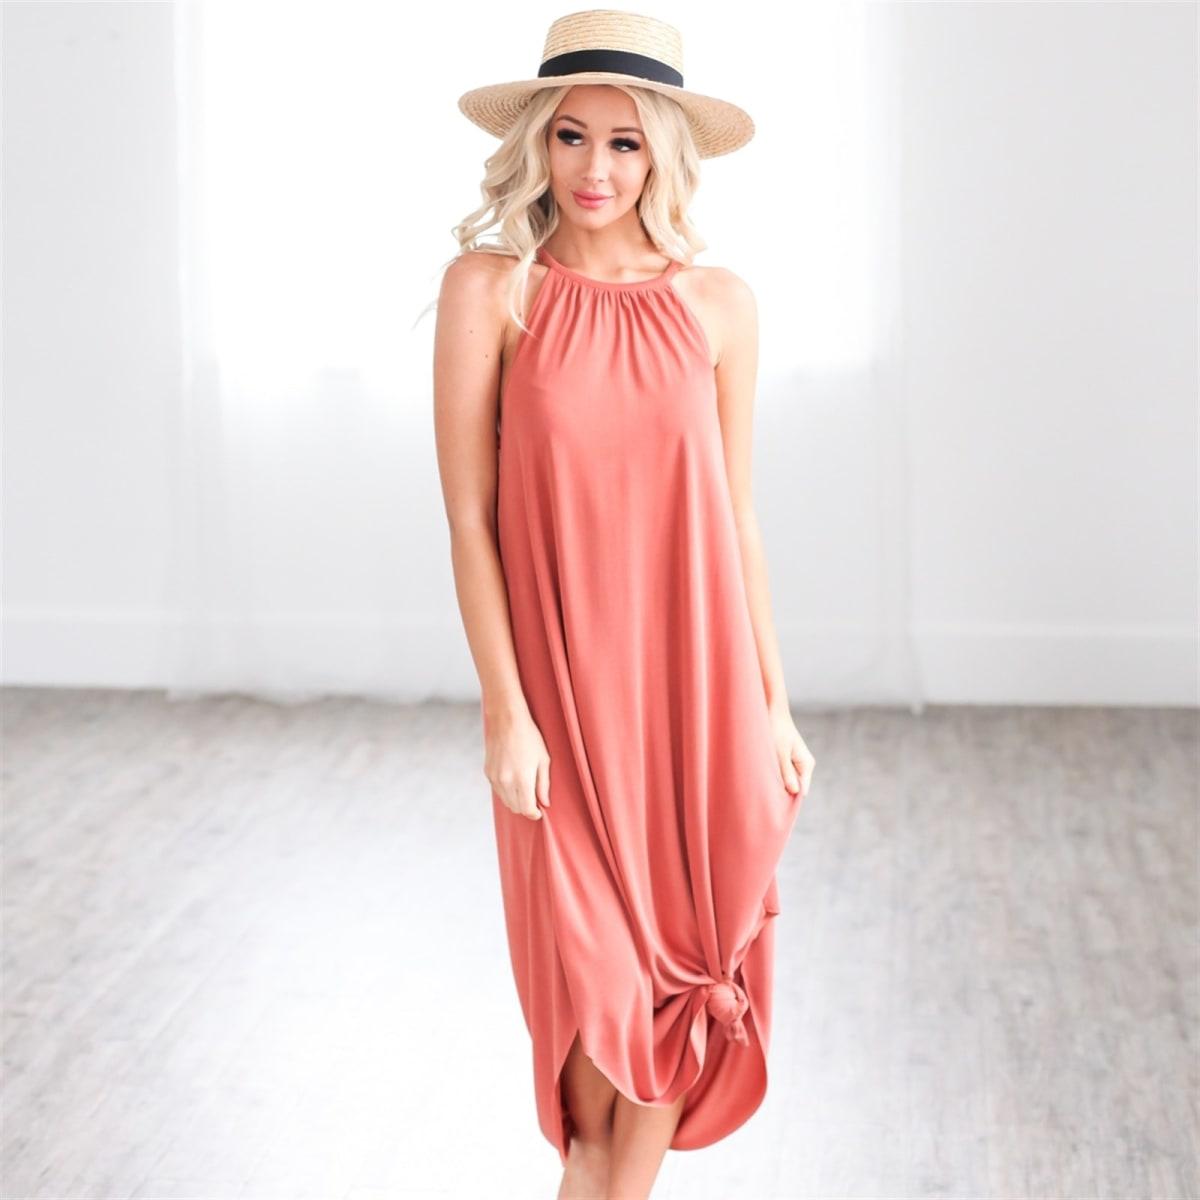 Designer Inspired Halter Dress